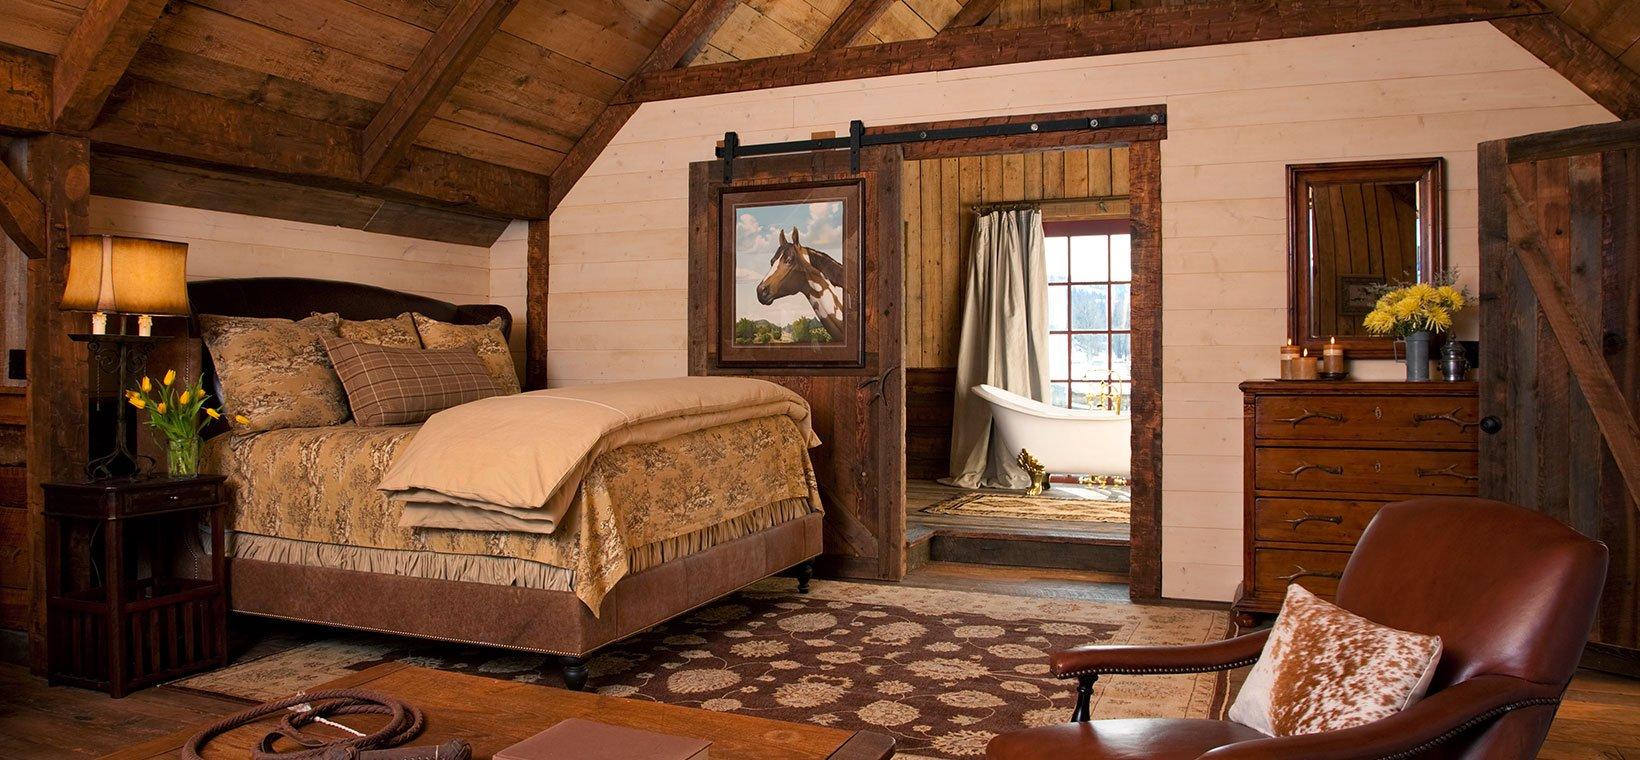 Loft_bed-1640x760